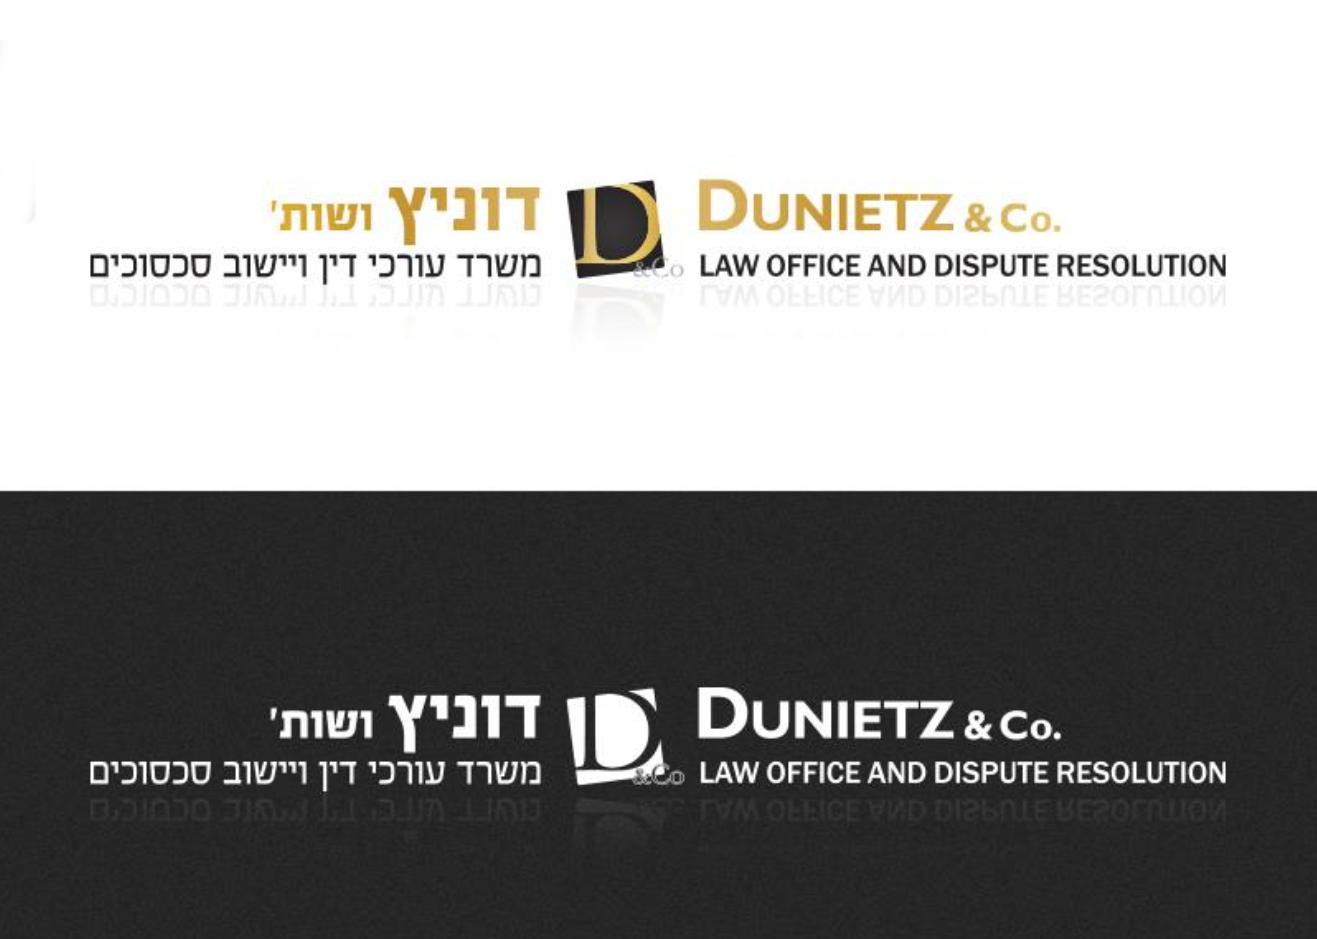 עיצוב לוגו עבור דוניץ ושות' - משרד עורכי דין